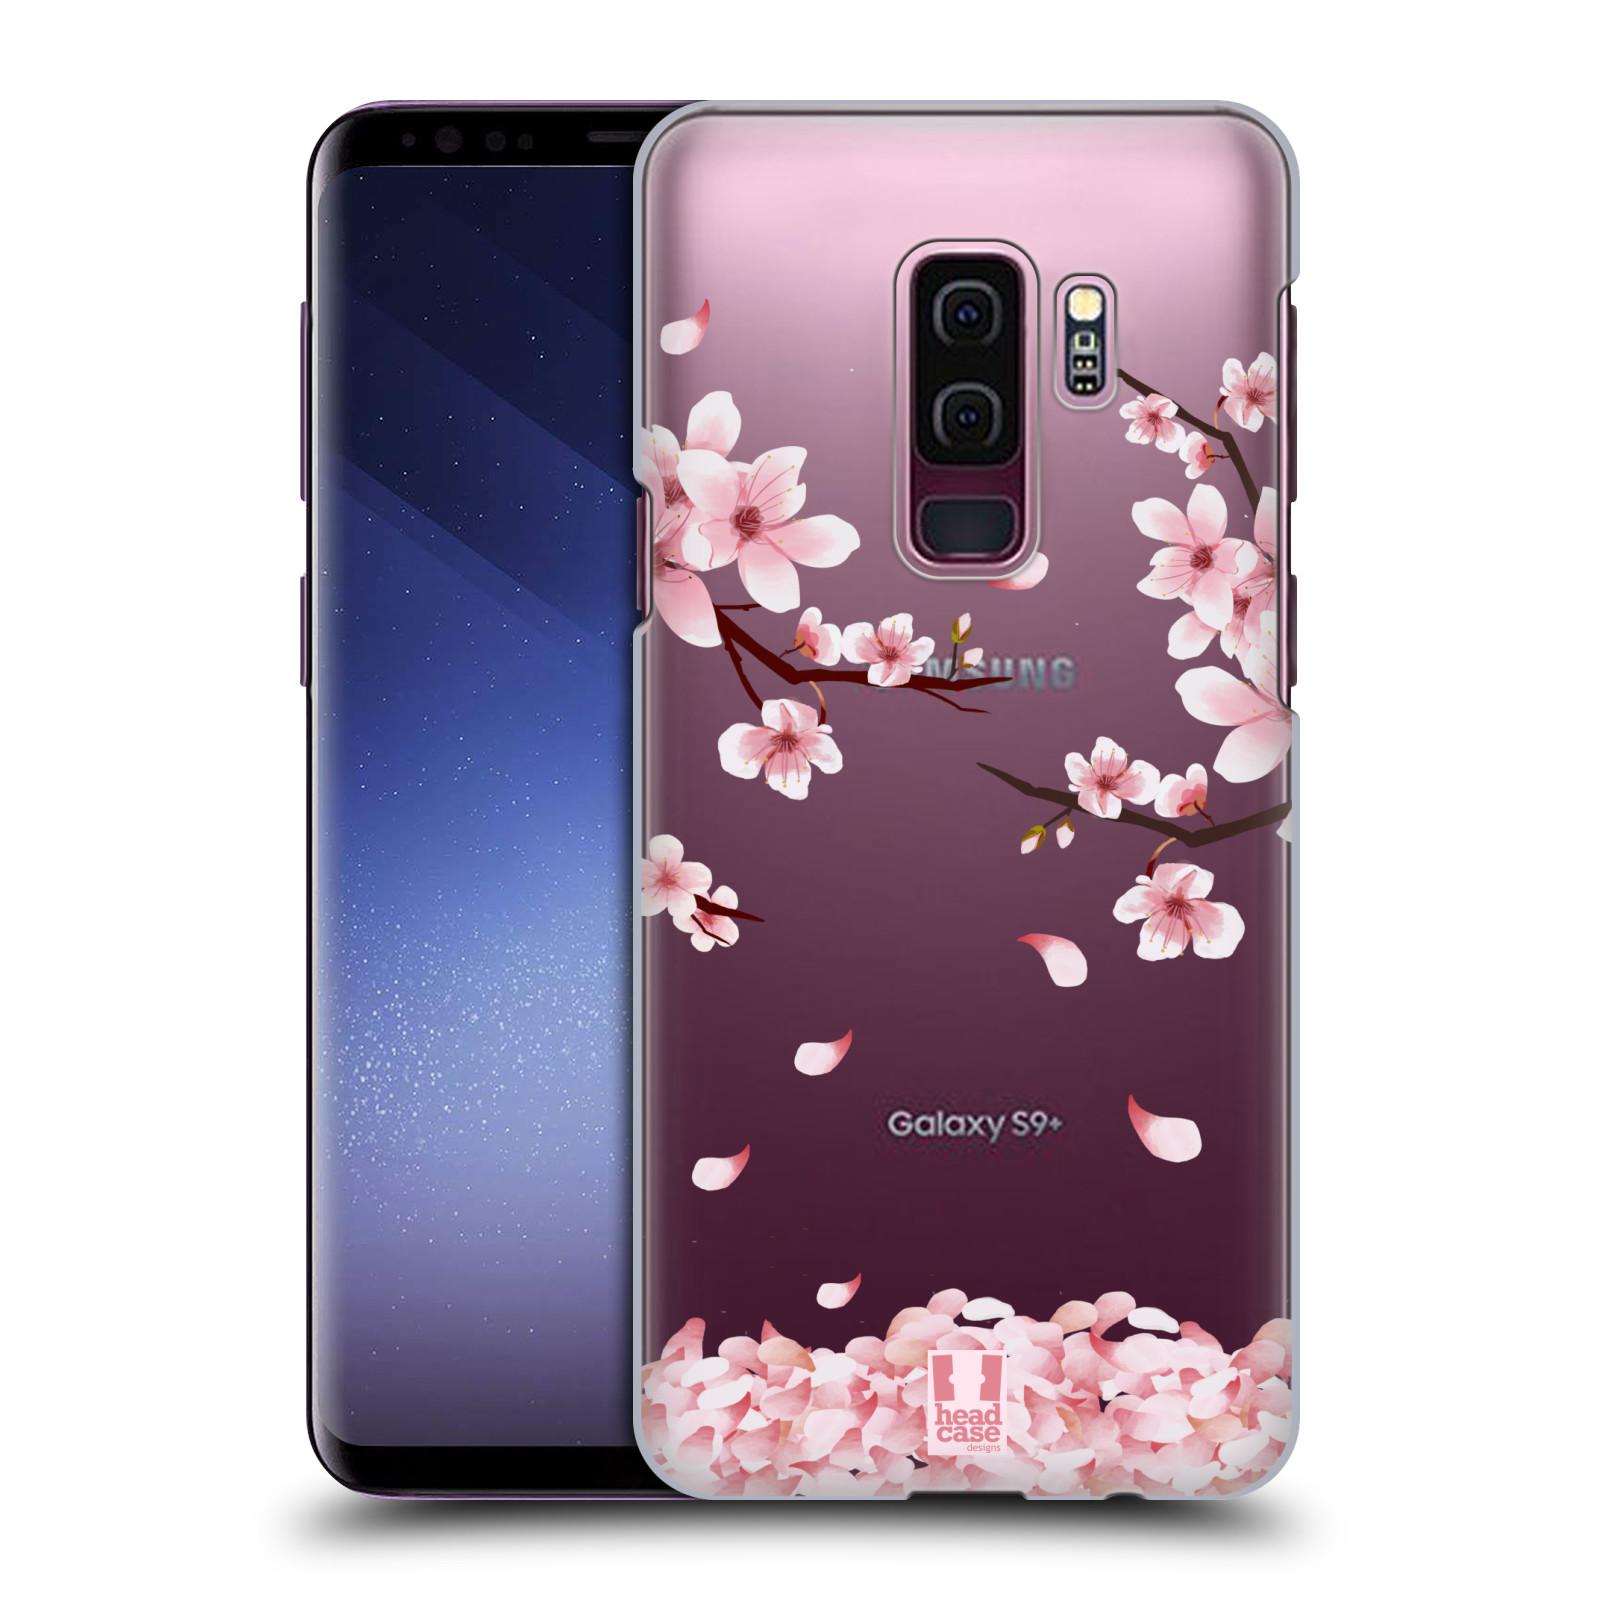 Plastové pouzdro na mobil Samsung Galaxy S9 Plus - Head Case - Květy a větvičky